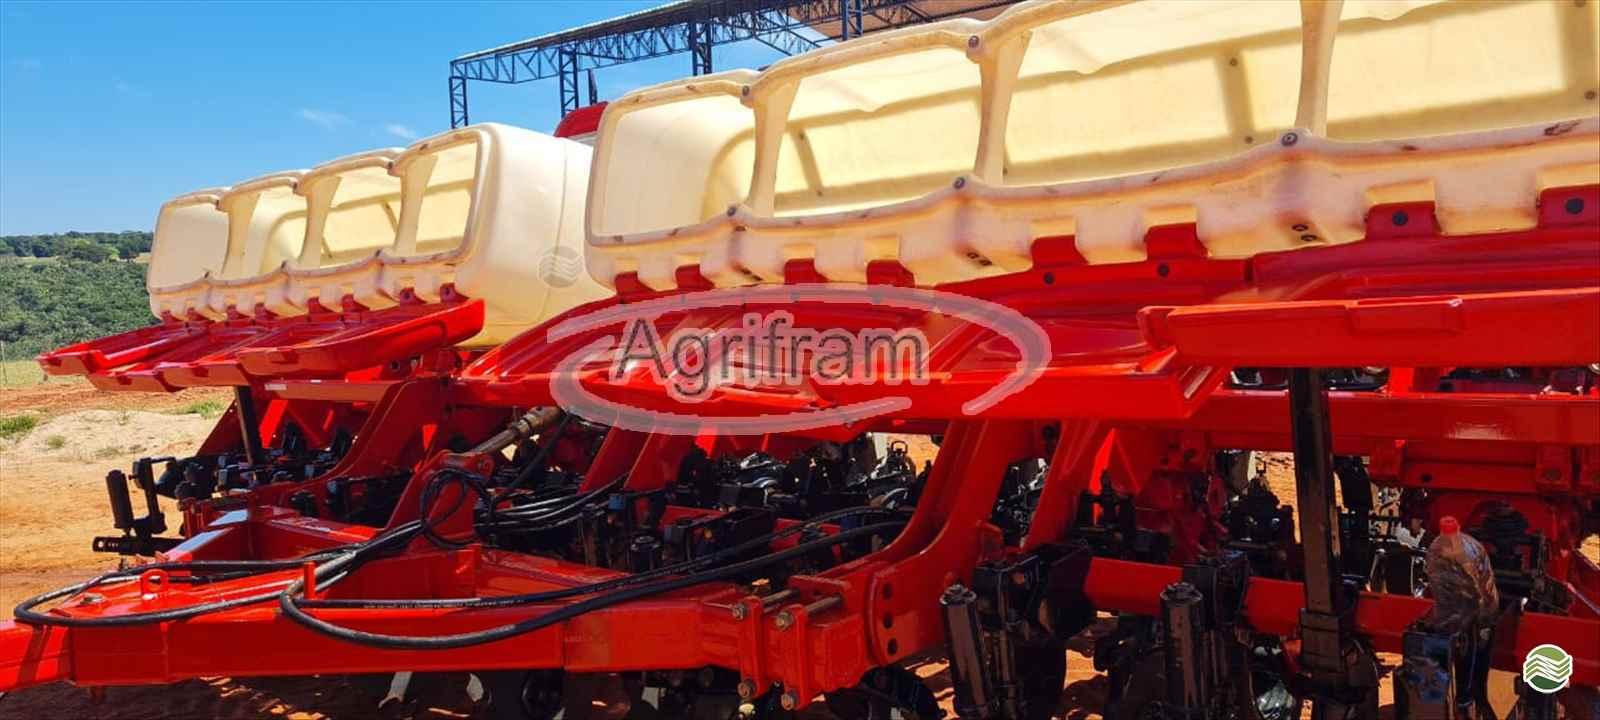 JUMIL JM 7090 PD GUERRA  2013/2013 Agrifram Máquinas e Soluções Agrícolas